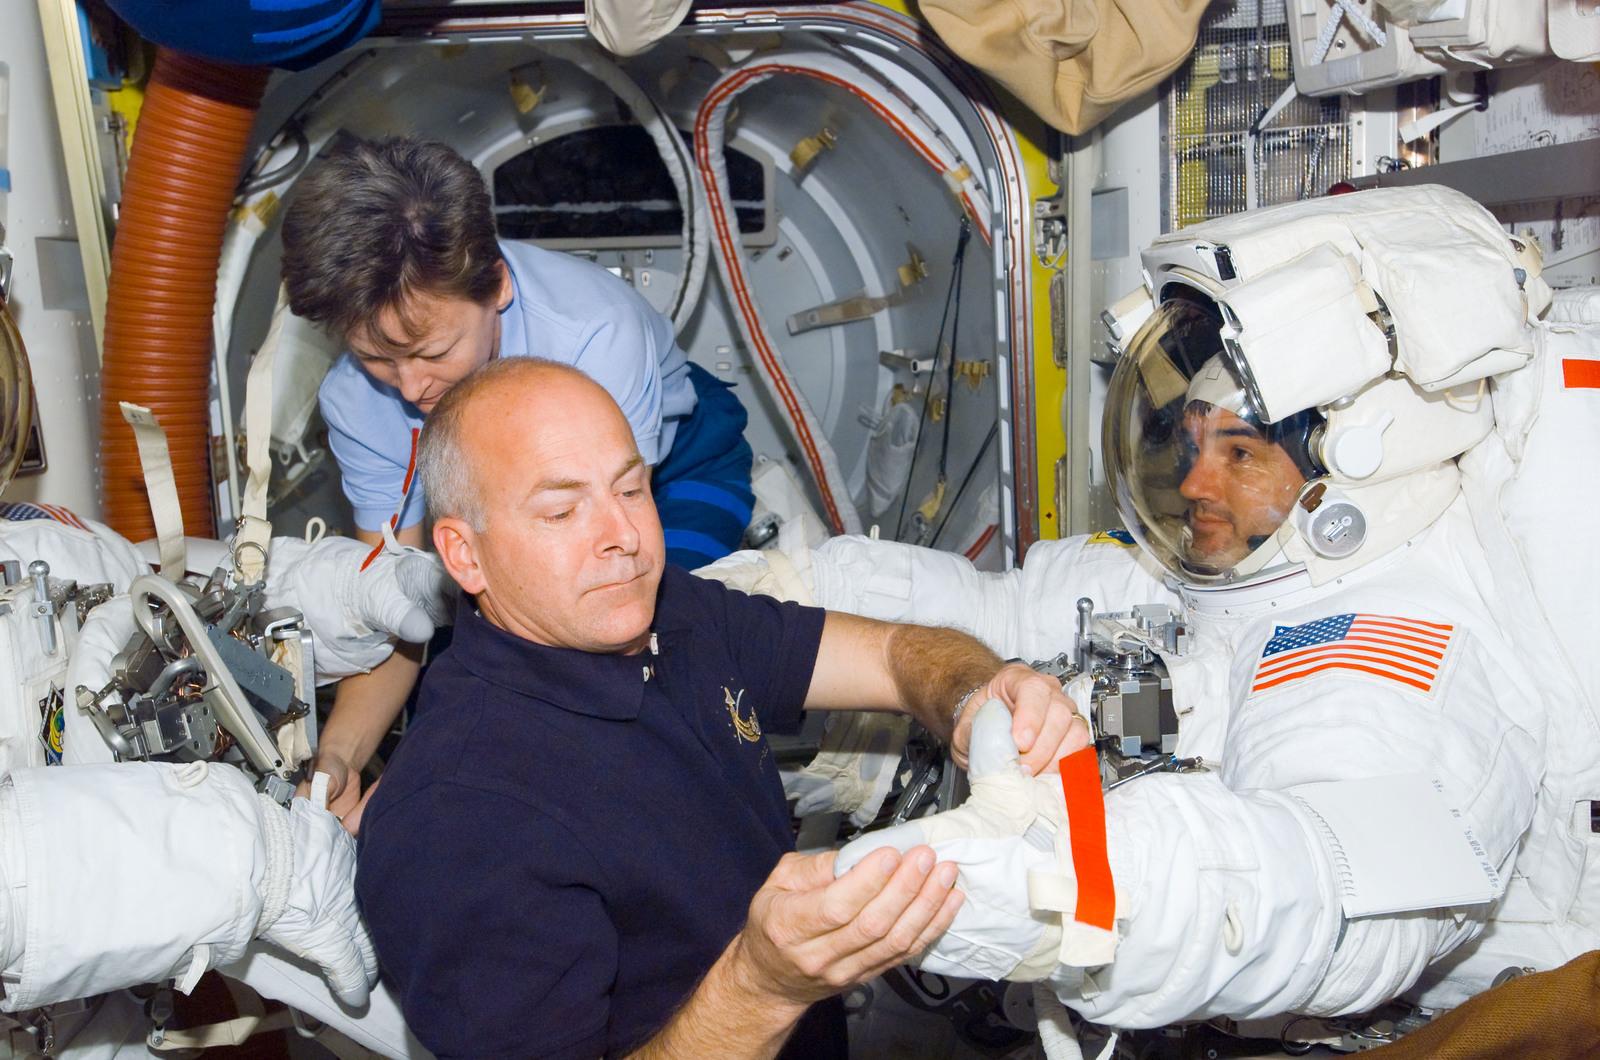 фоне другие космонавты в картинках лучезарным будет настроенье